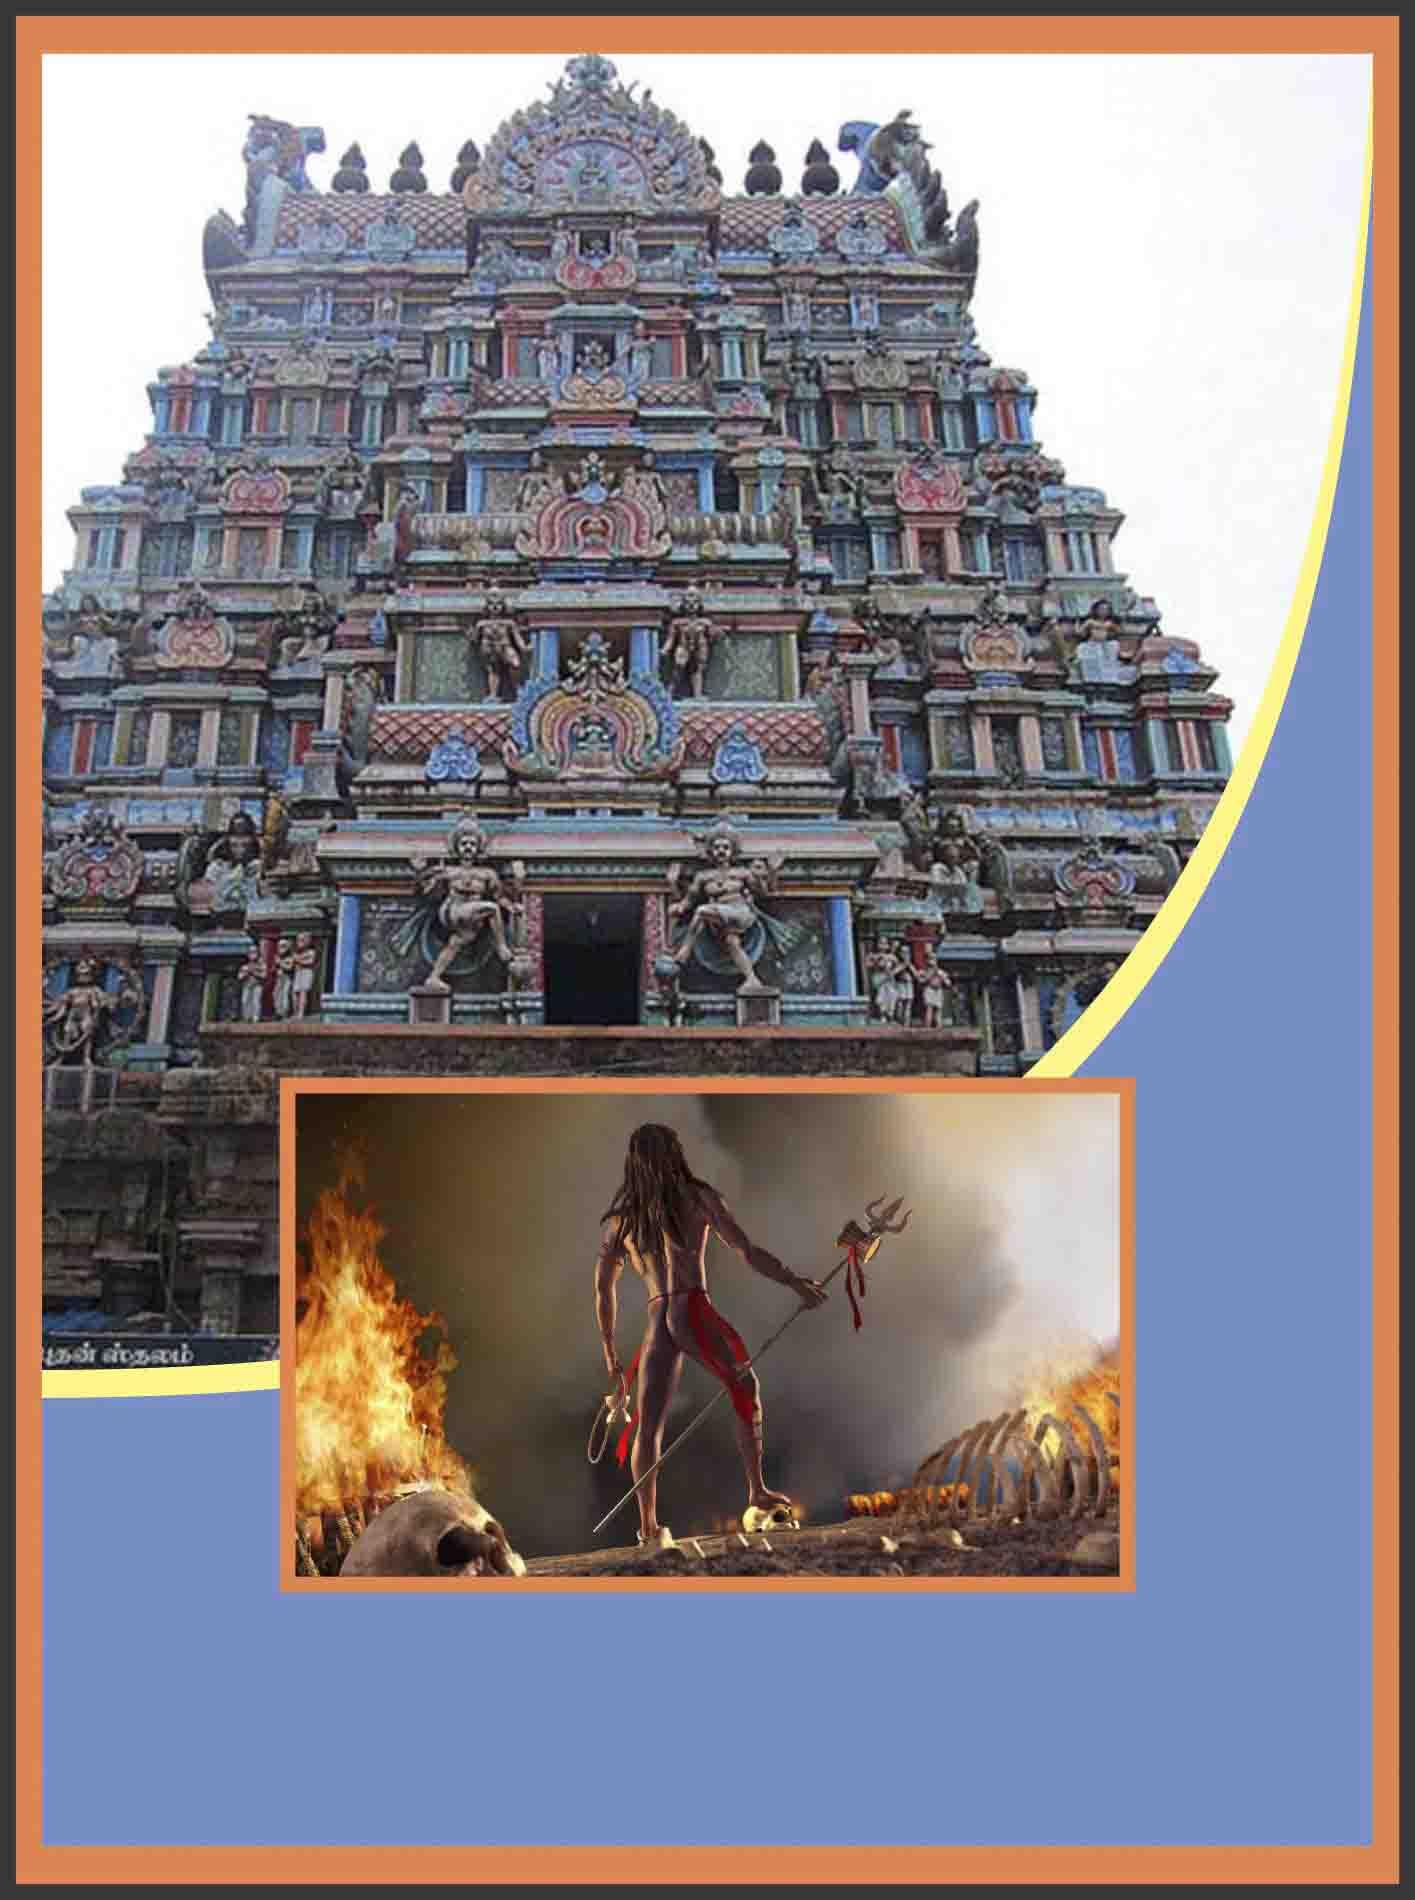 Thiruvenkadu-Budhan-Aghora Moorthi Homam